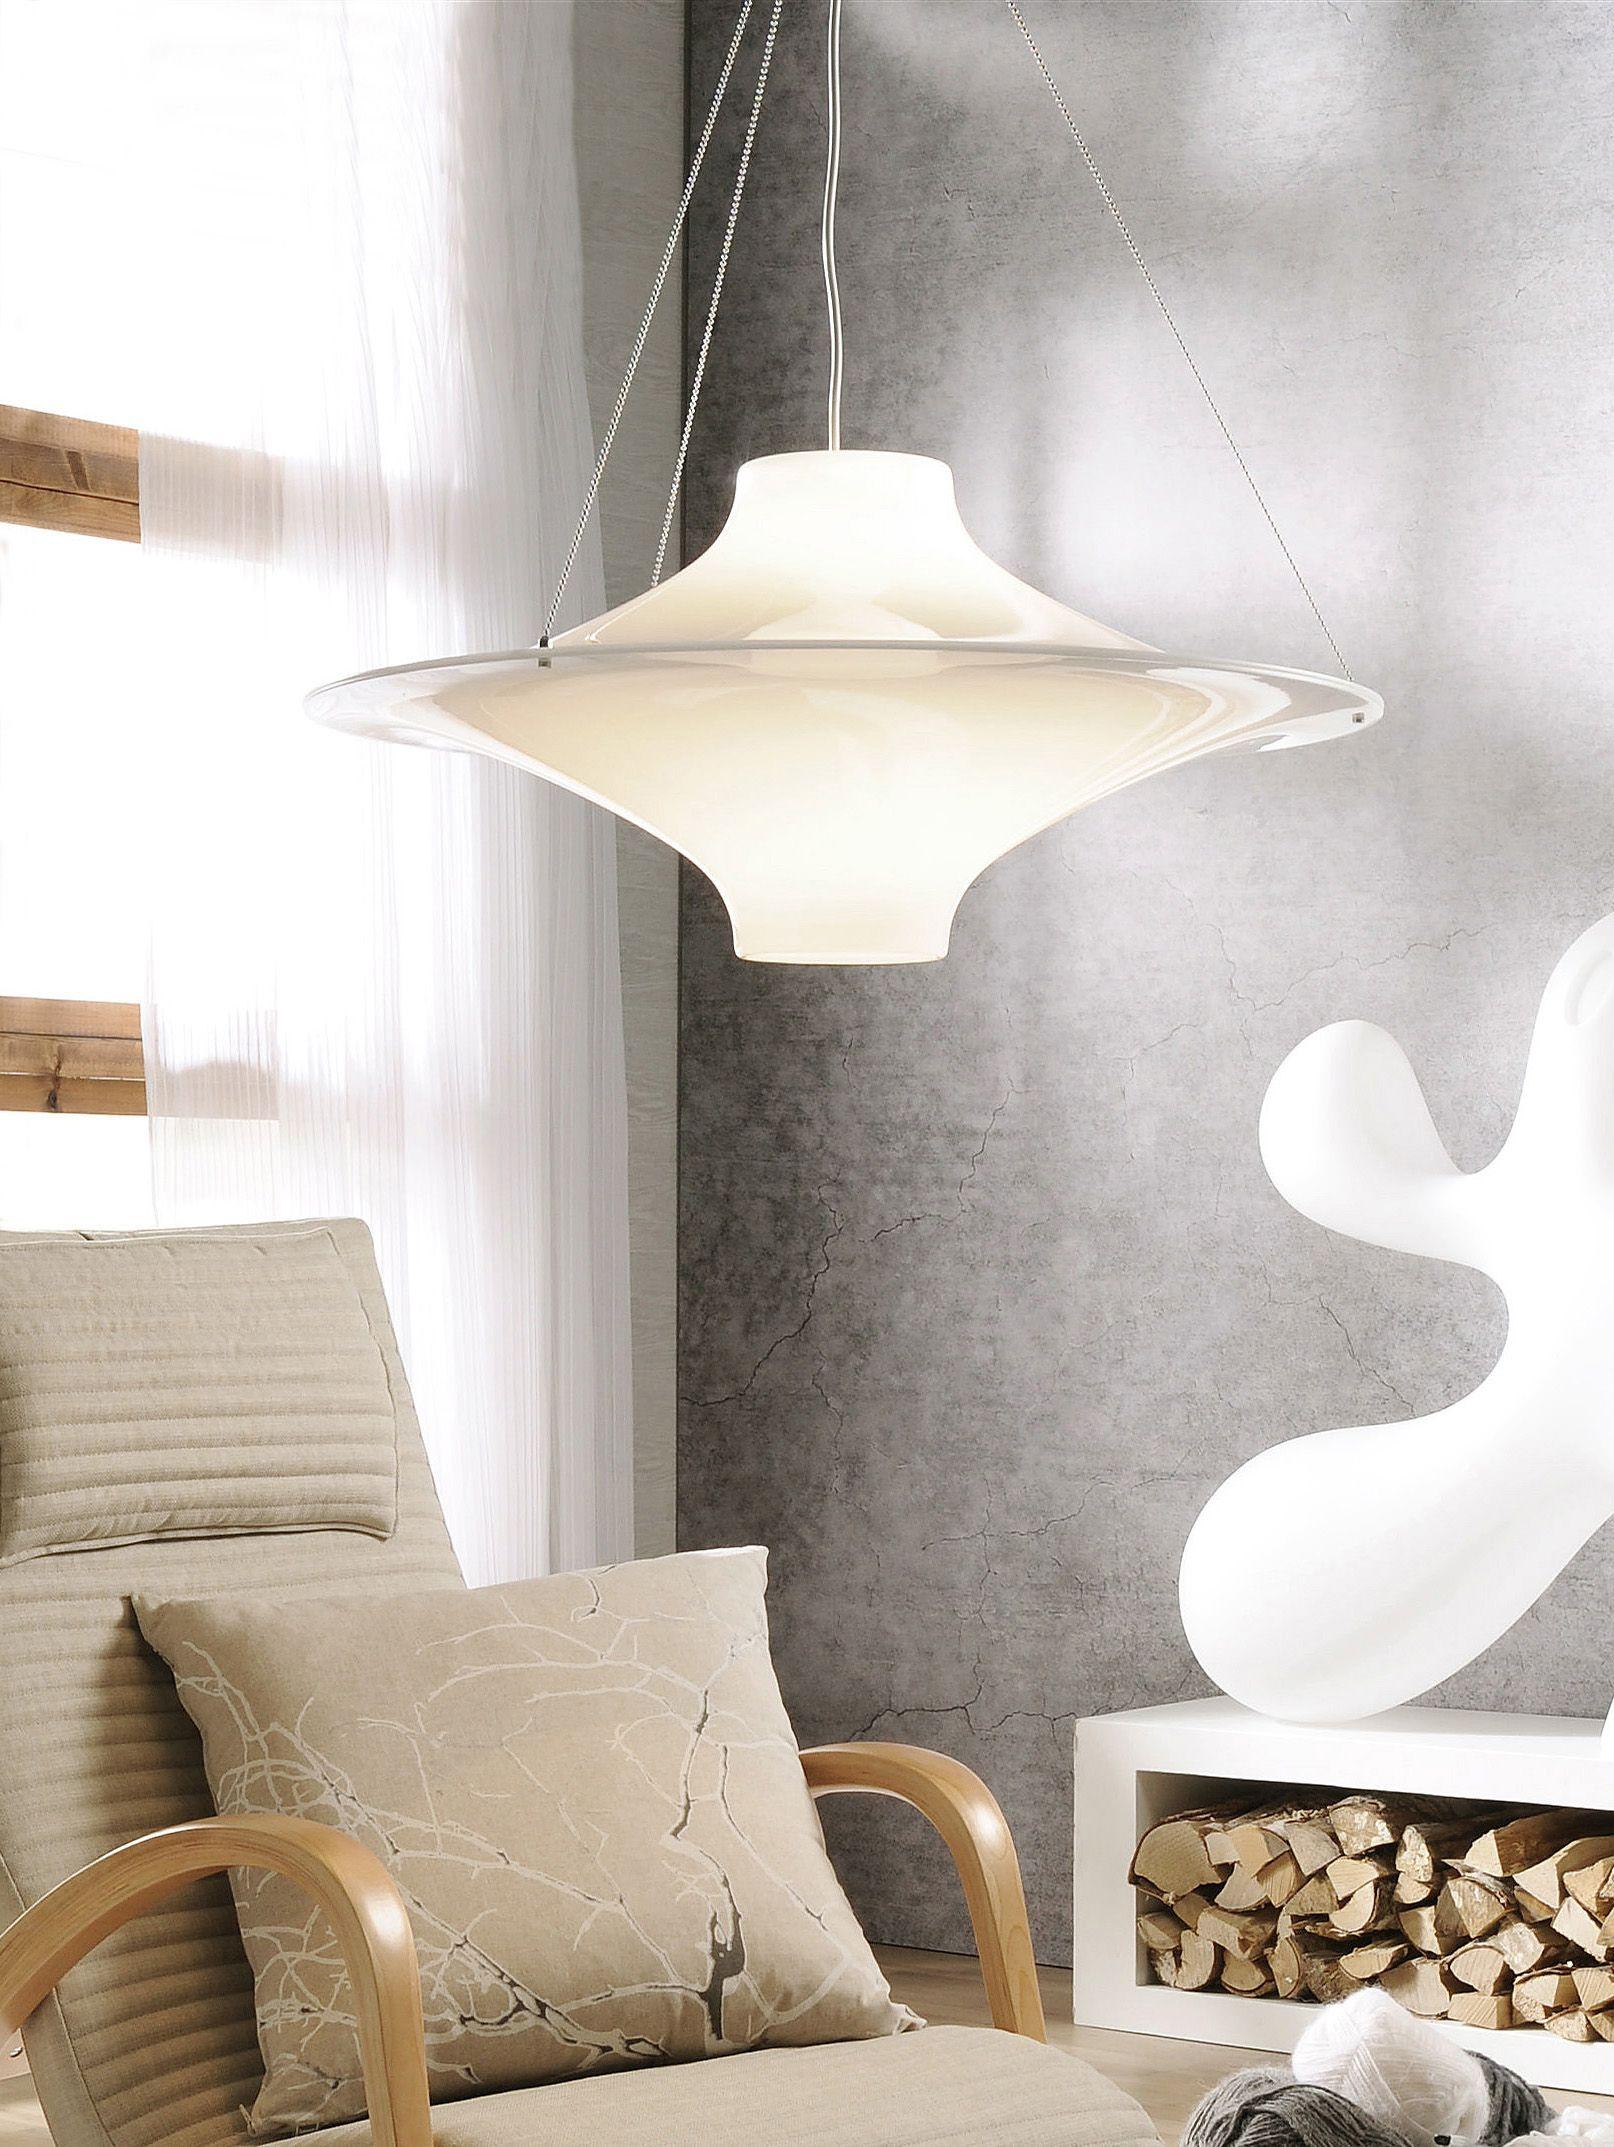 lokki kattovalaisin 70 cm kotimainen tyylik s klassikkovalaisin design yki architecture. Black Bedroom Furniture Sets. Home Design Ideas